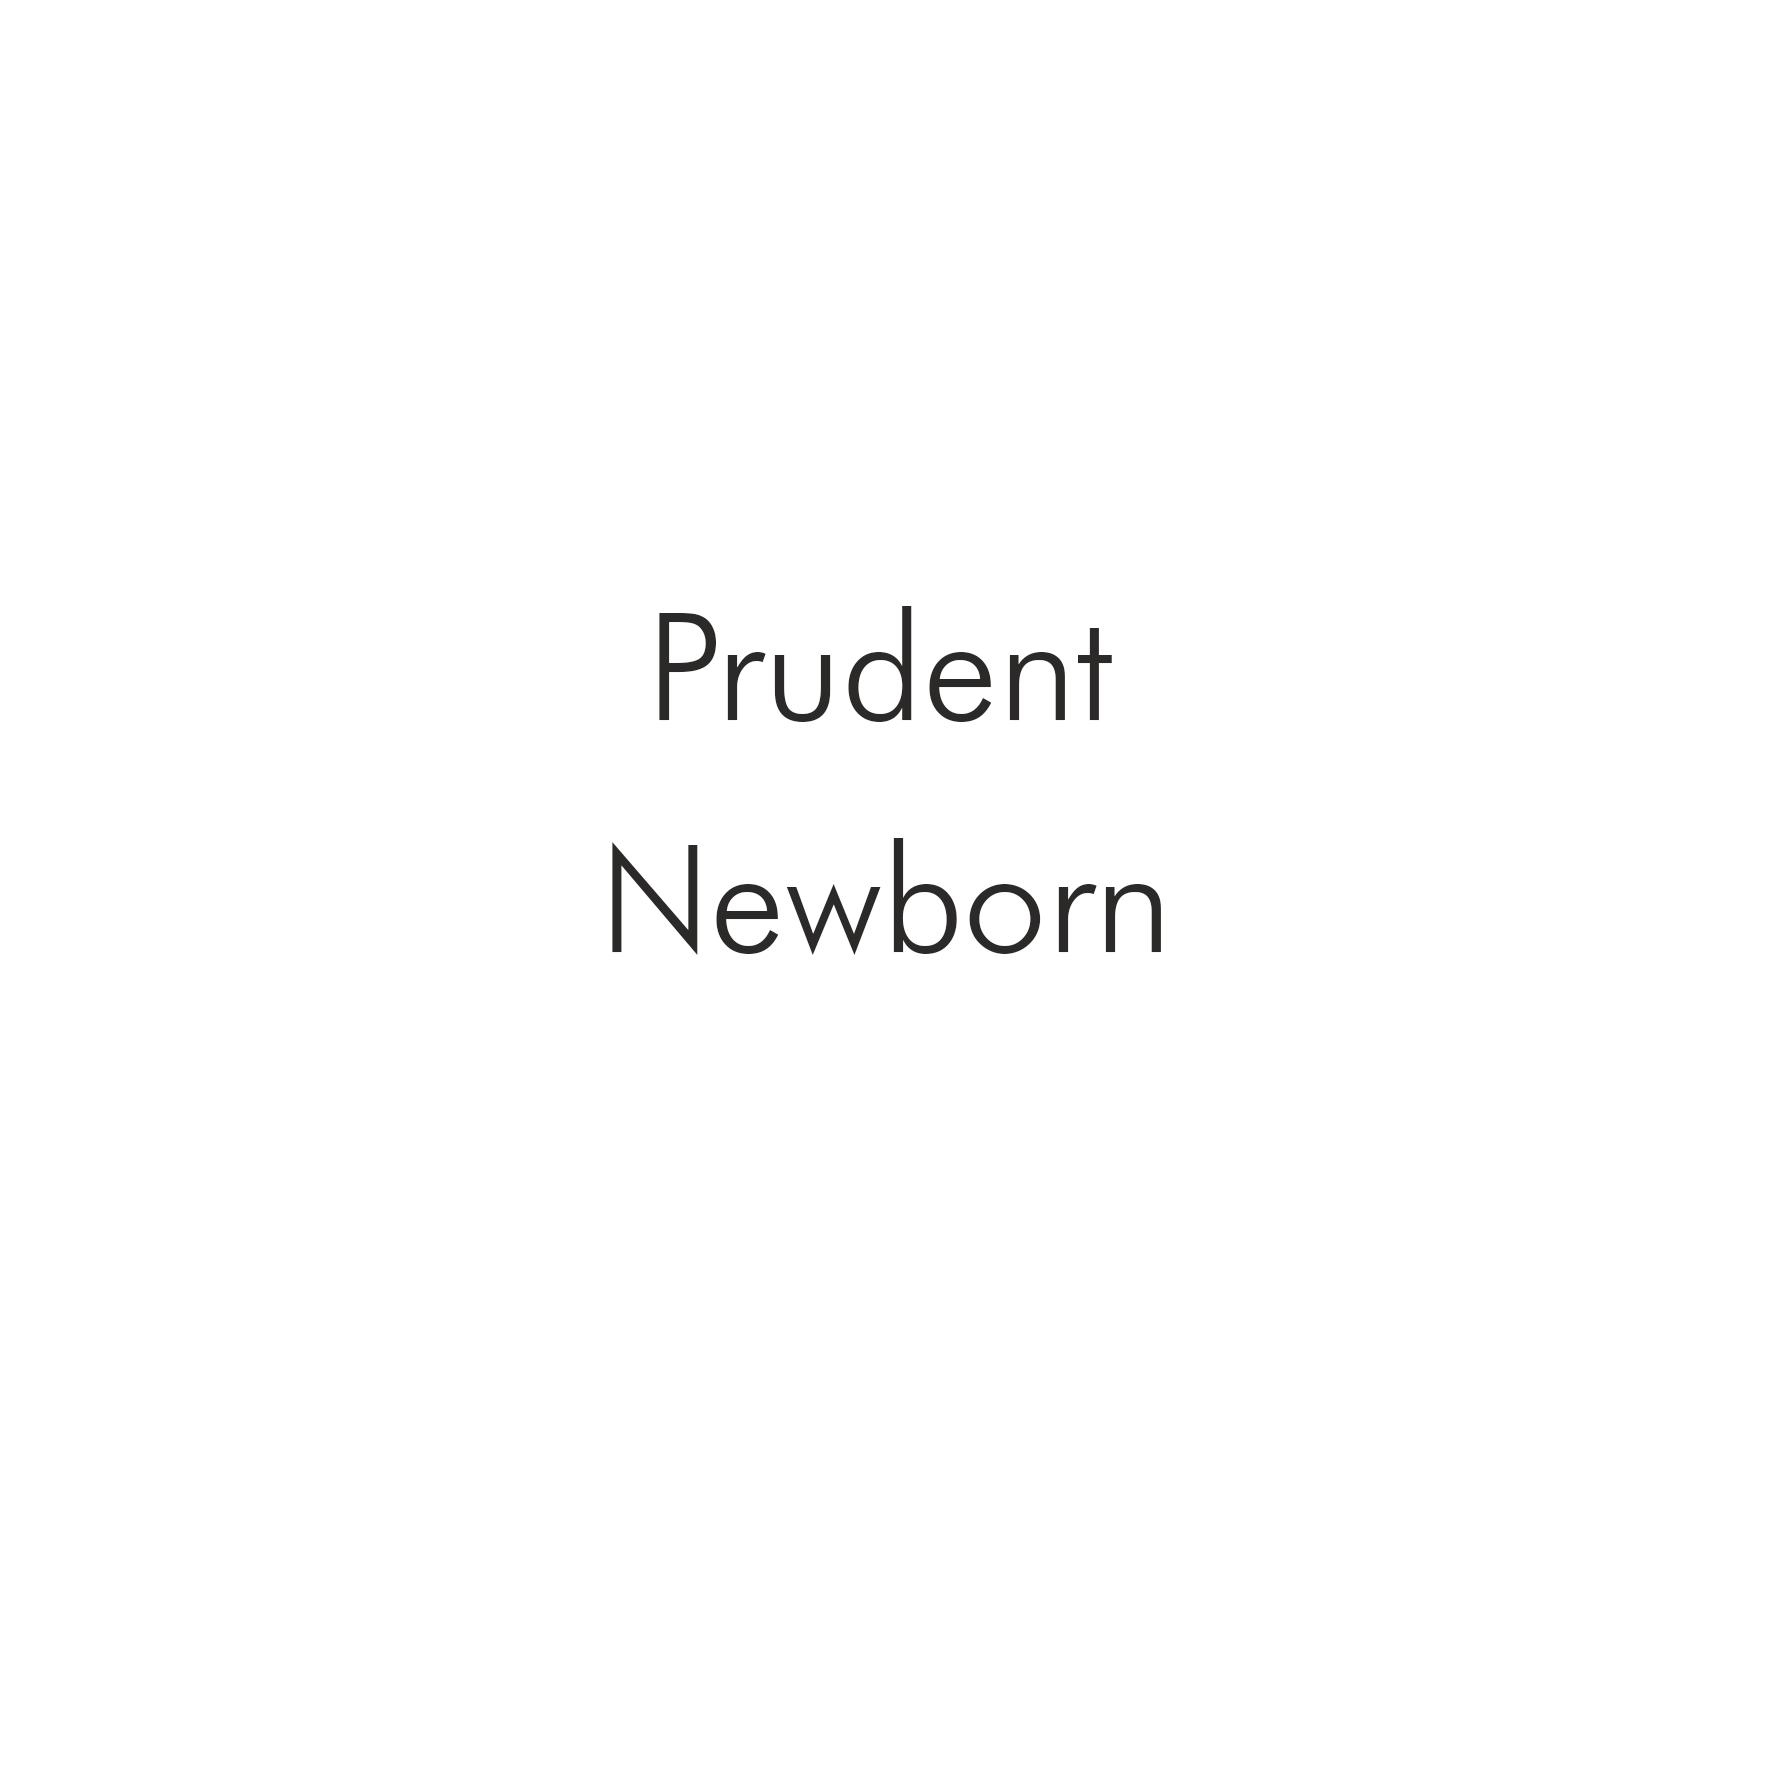 Prudent Newborn.png